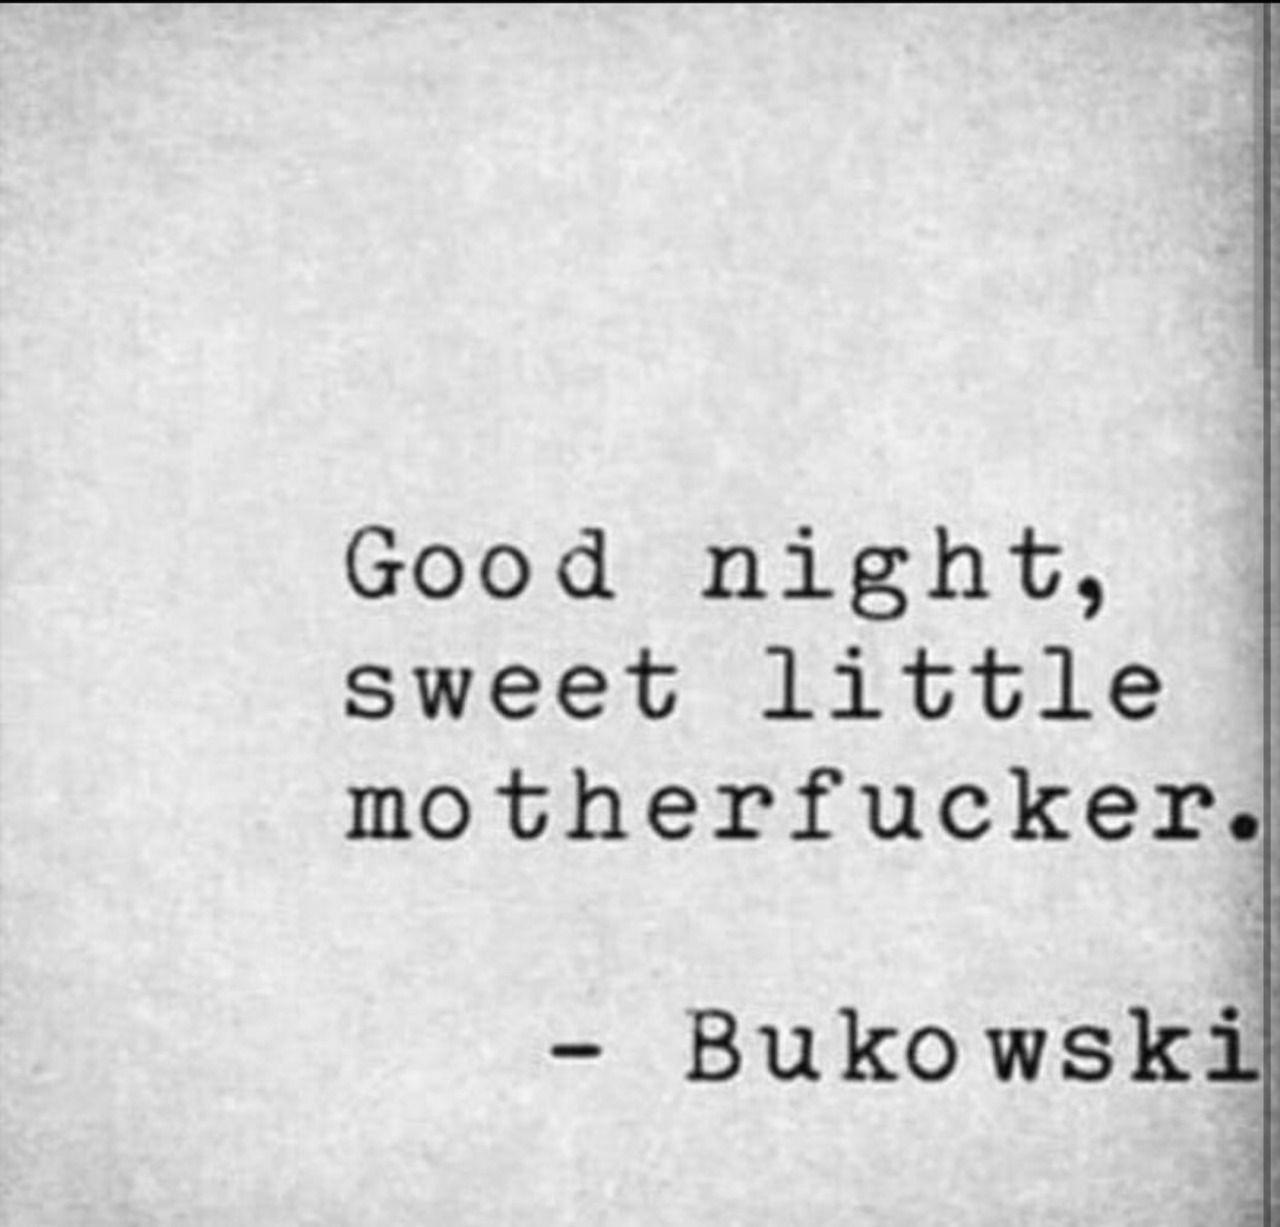 Charles Bukowski Quotes Pinmatias Sagaria On Quotes  Pinterest  Bukowski And Charles